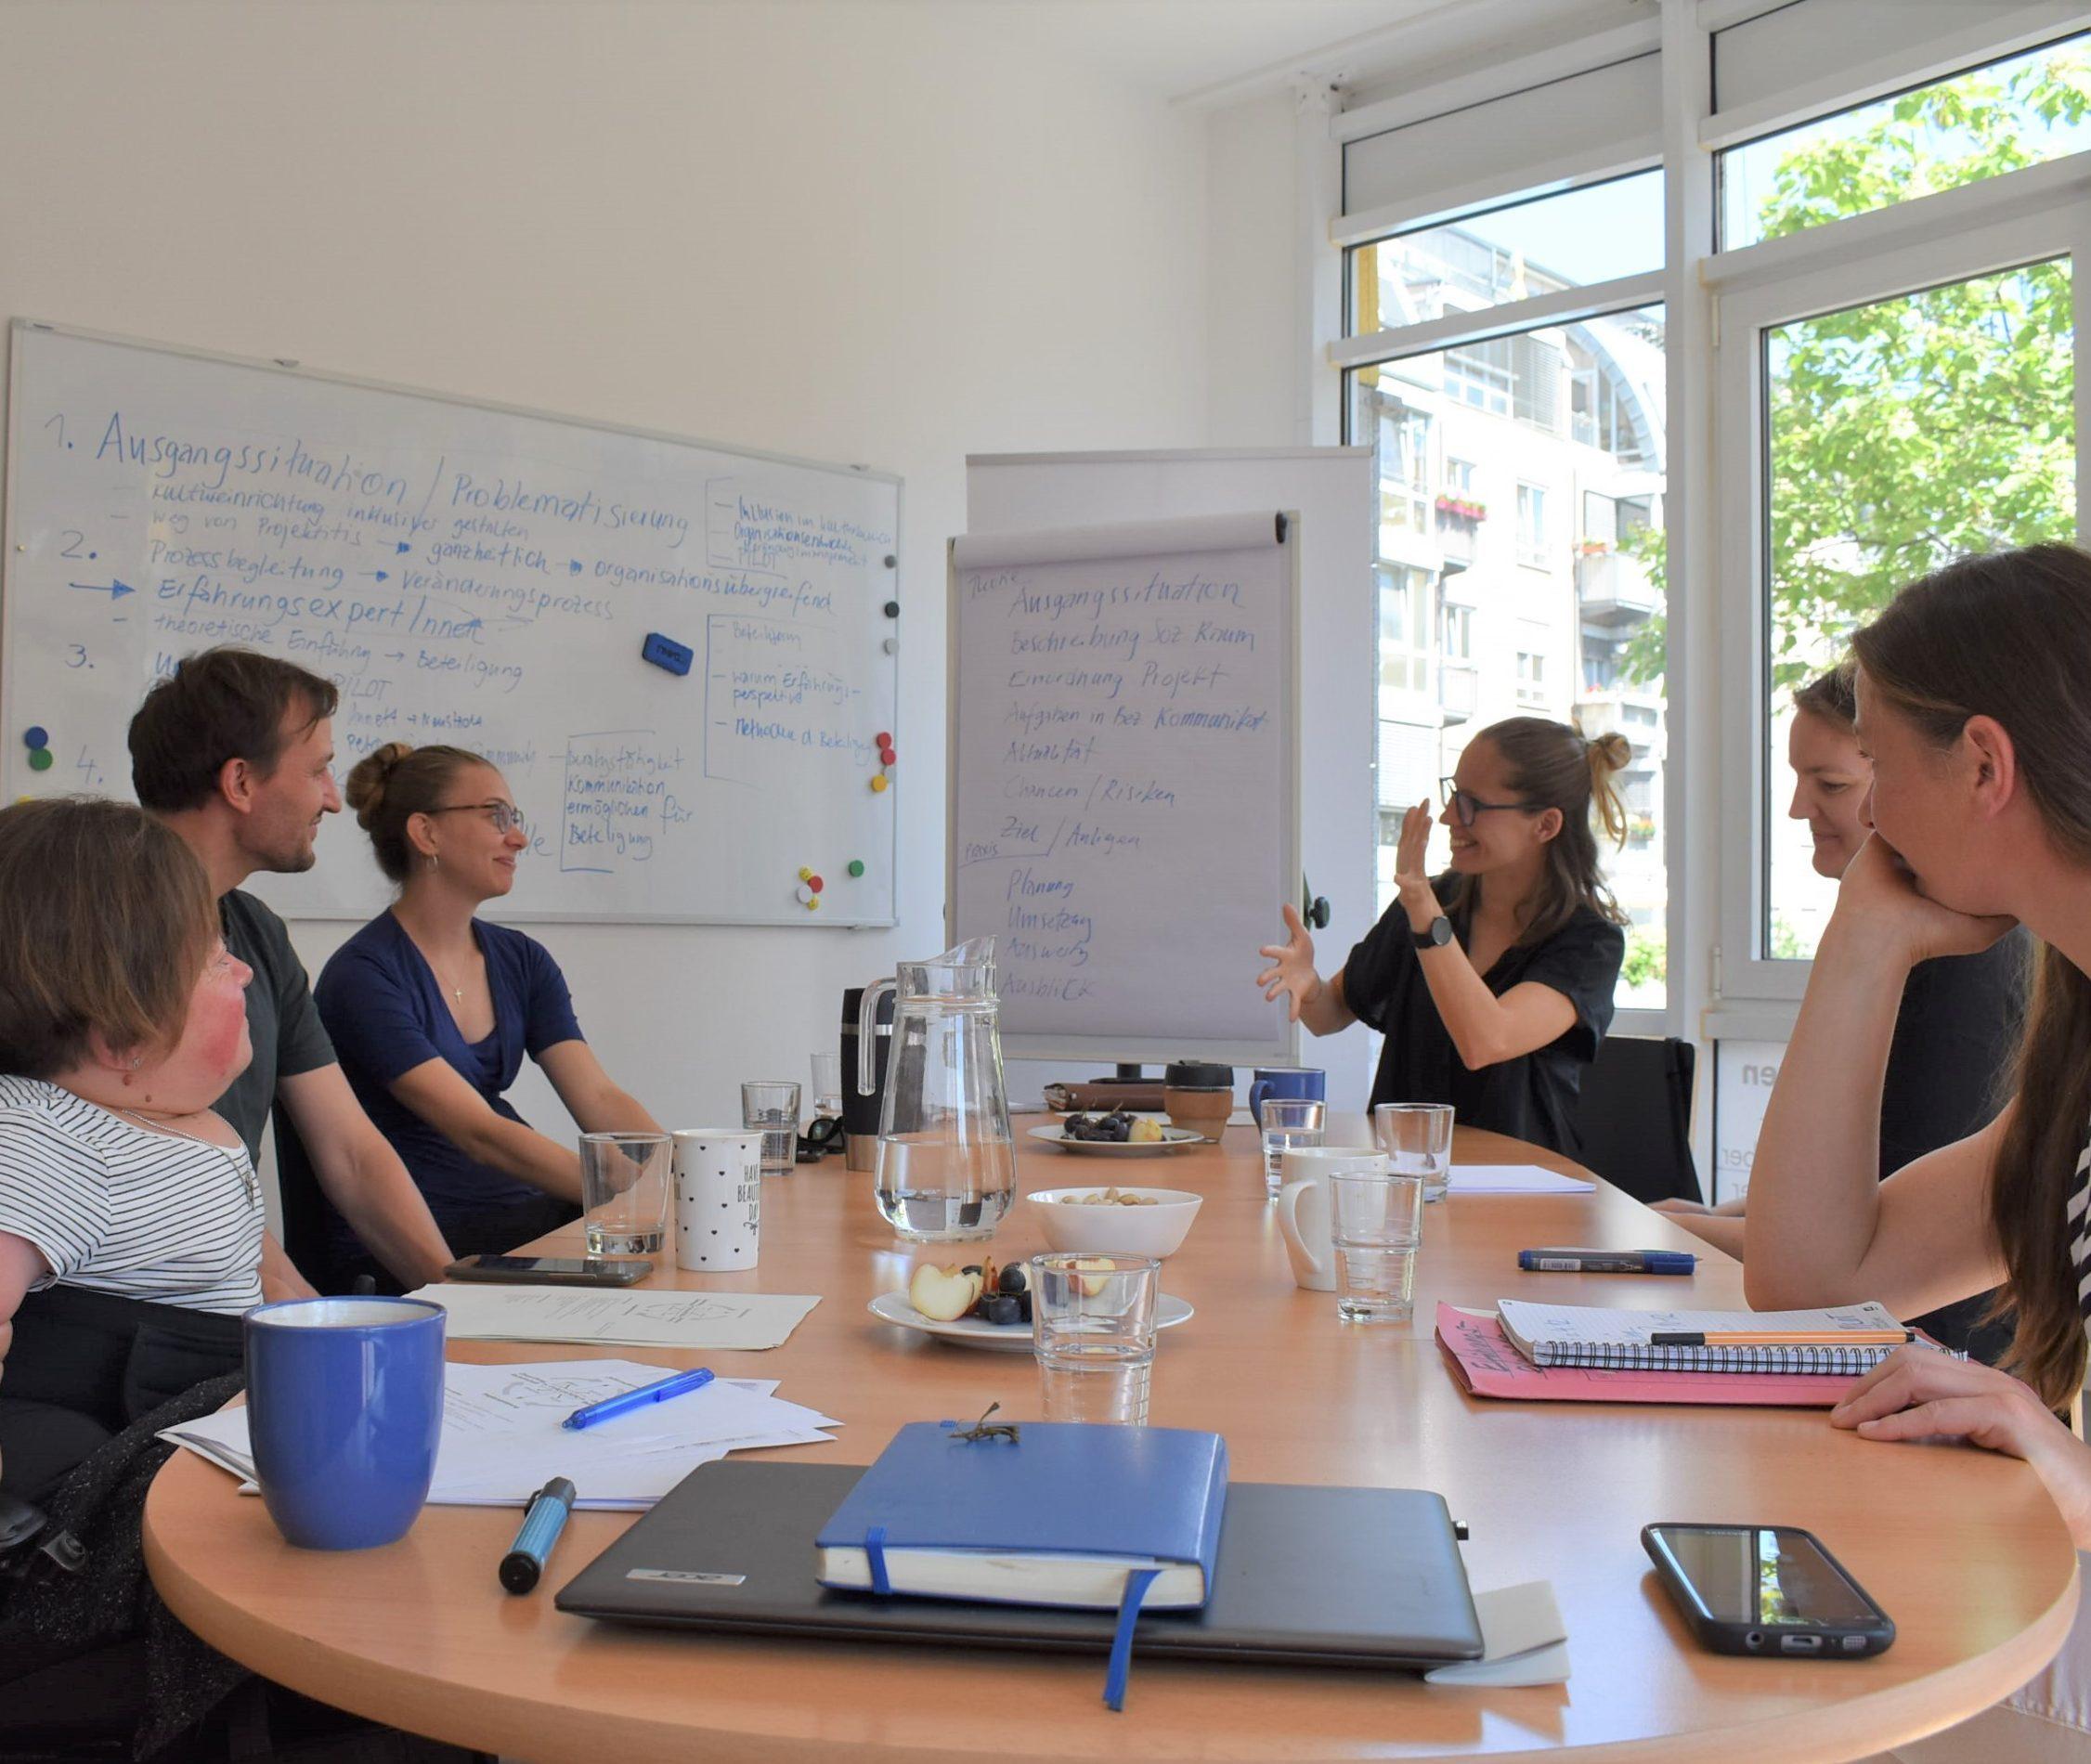 Das Foto zeigt eine Gruppe von Personen, die an einem Tisch sitzen und sich unterhalten..